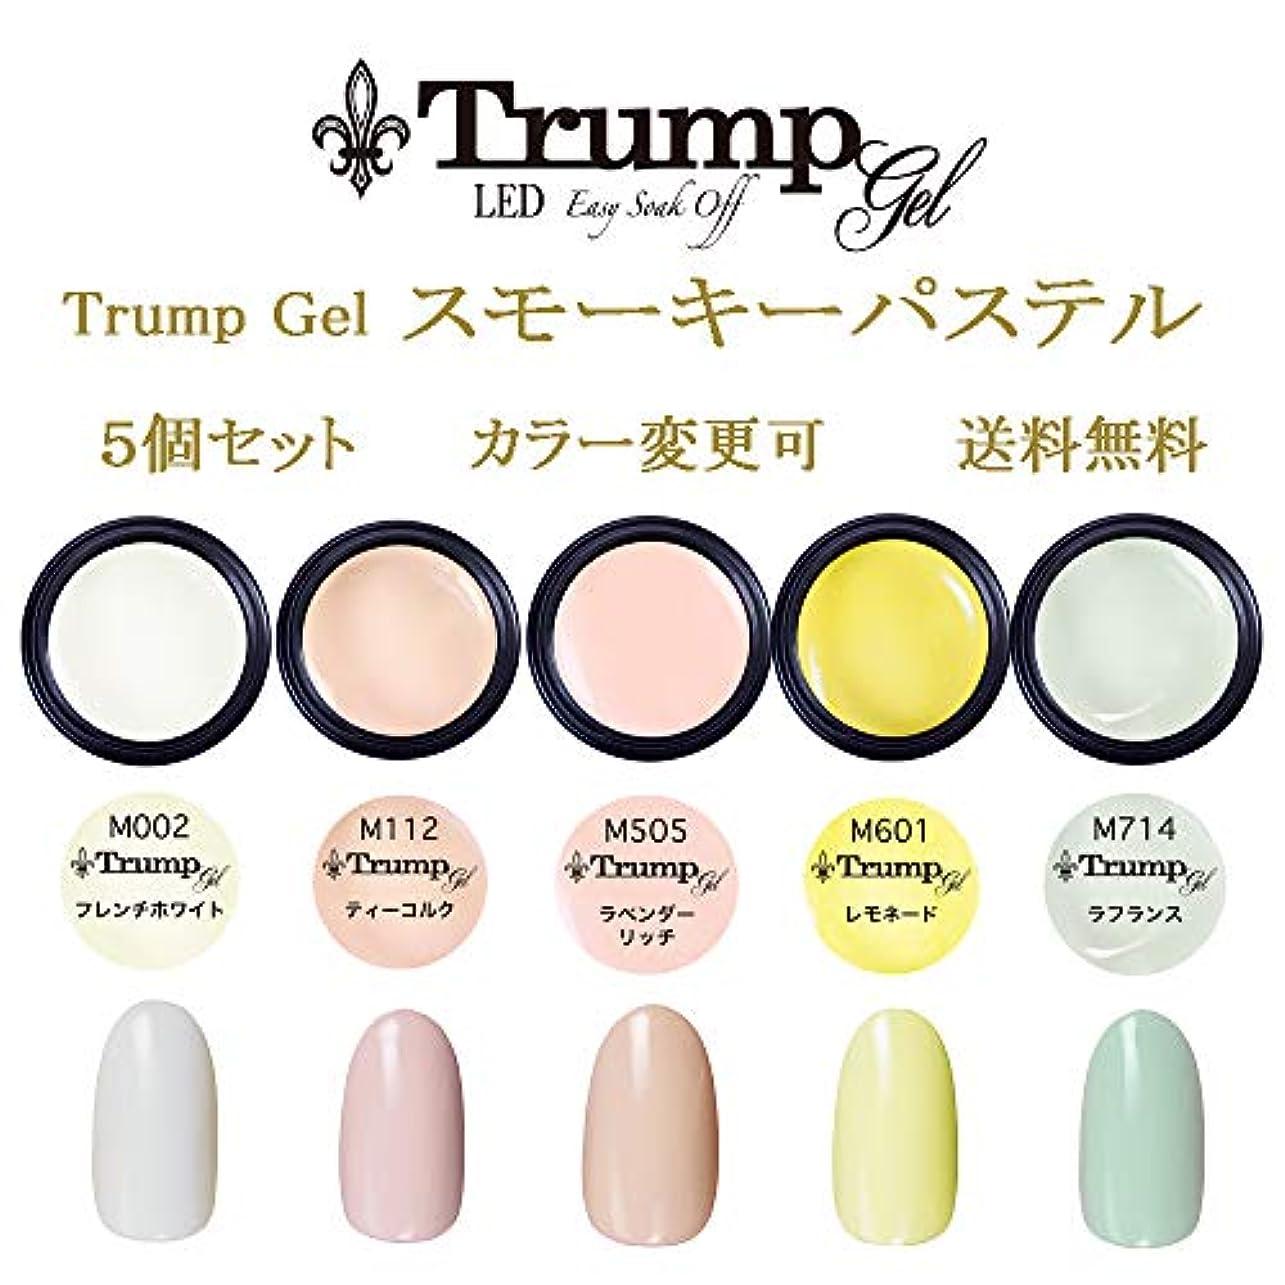 十代思い出泥だらけ日本製 Trump gel トランプジェル スモーキー パステルカラー 選べる カラージェル5個セット ホワイト ベージュ ピンク イエロー グリーン